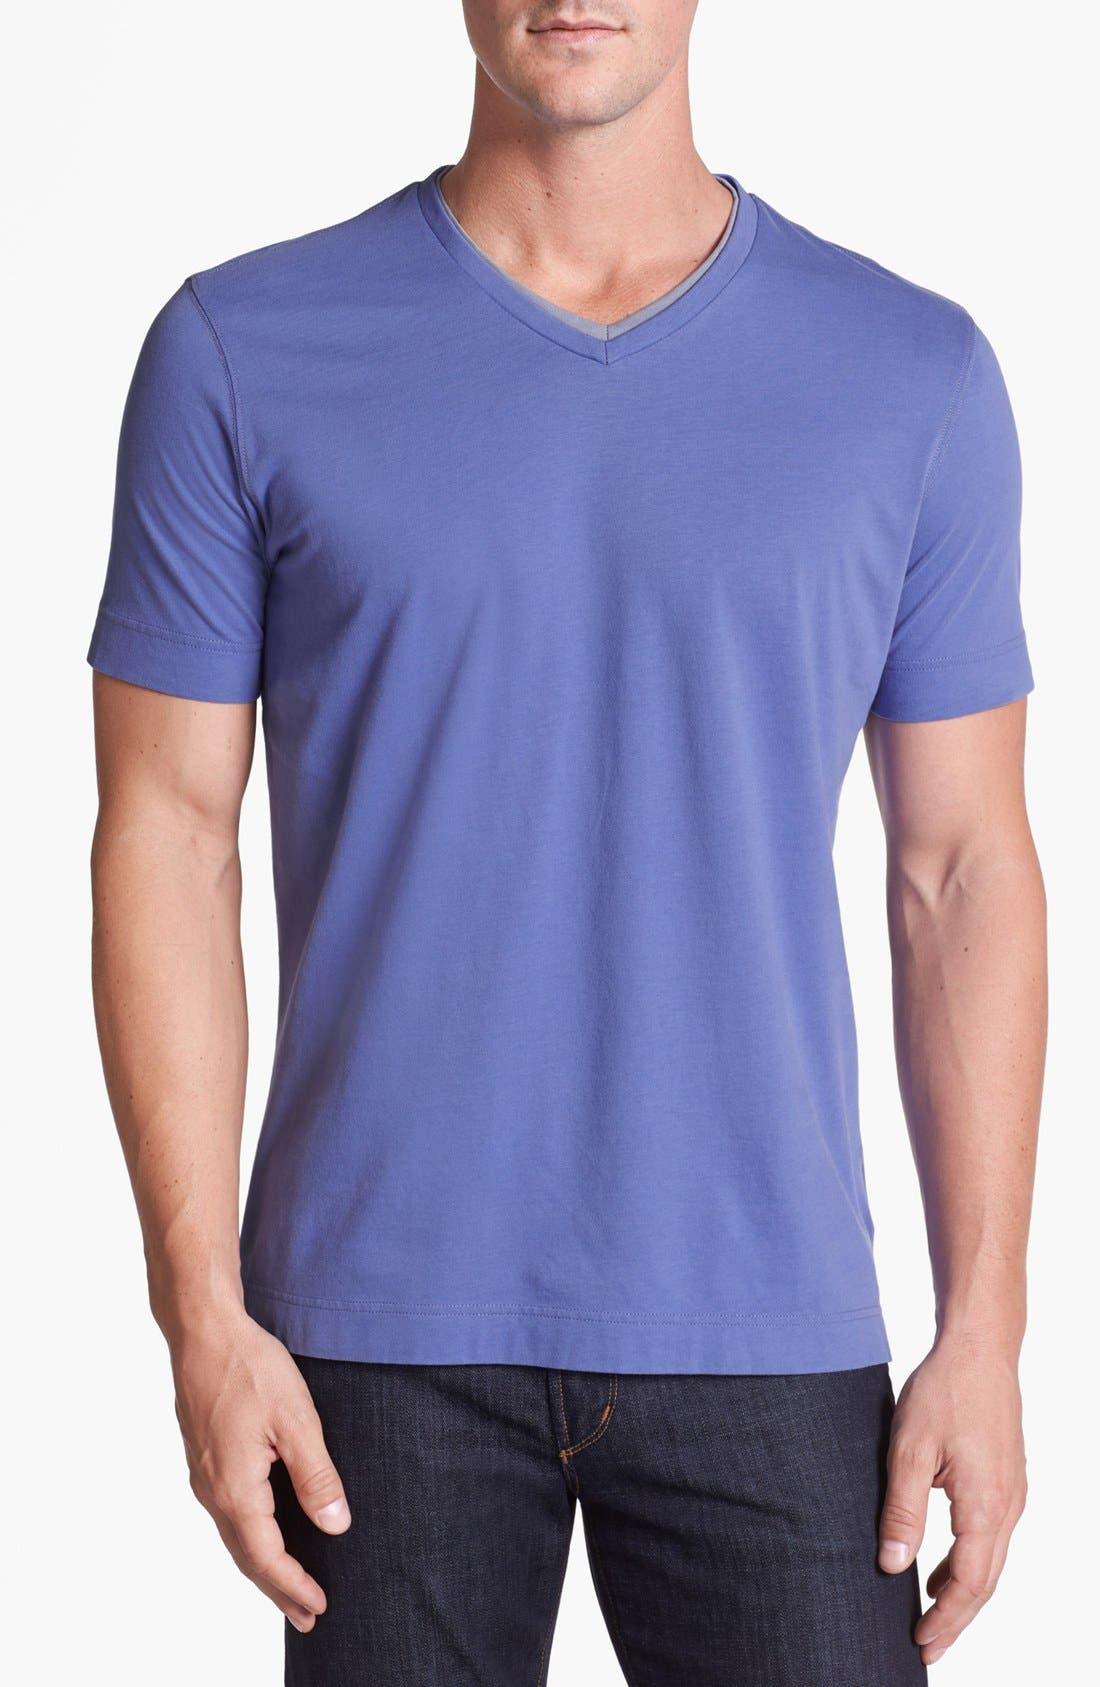 Alternate Image 1 Selected - Robert Barakett 'Adam' Double V-Neck T-Shirt